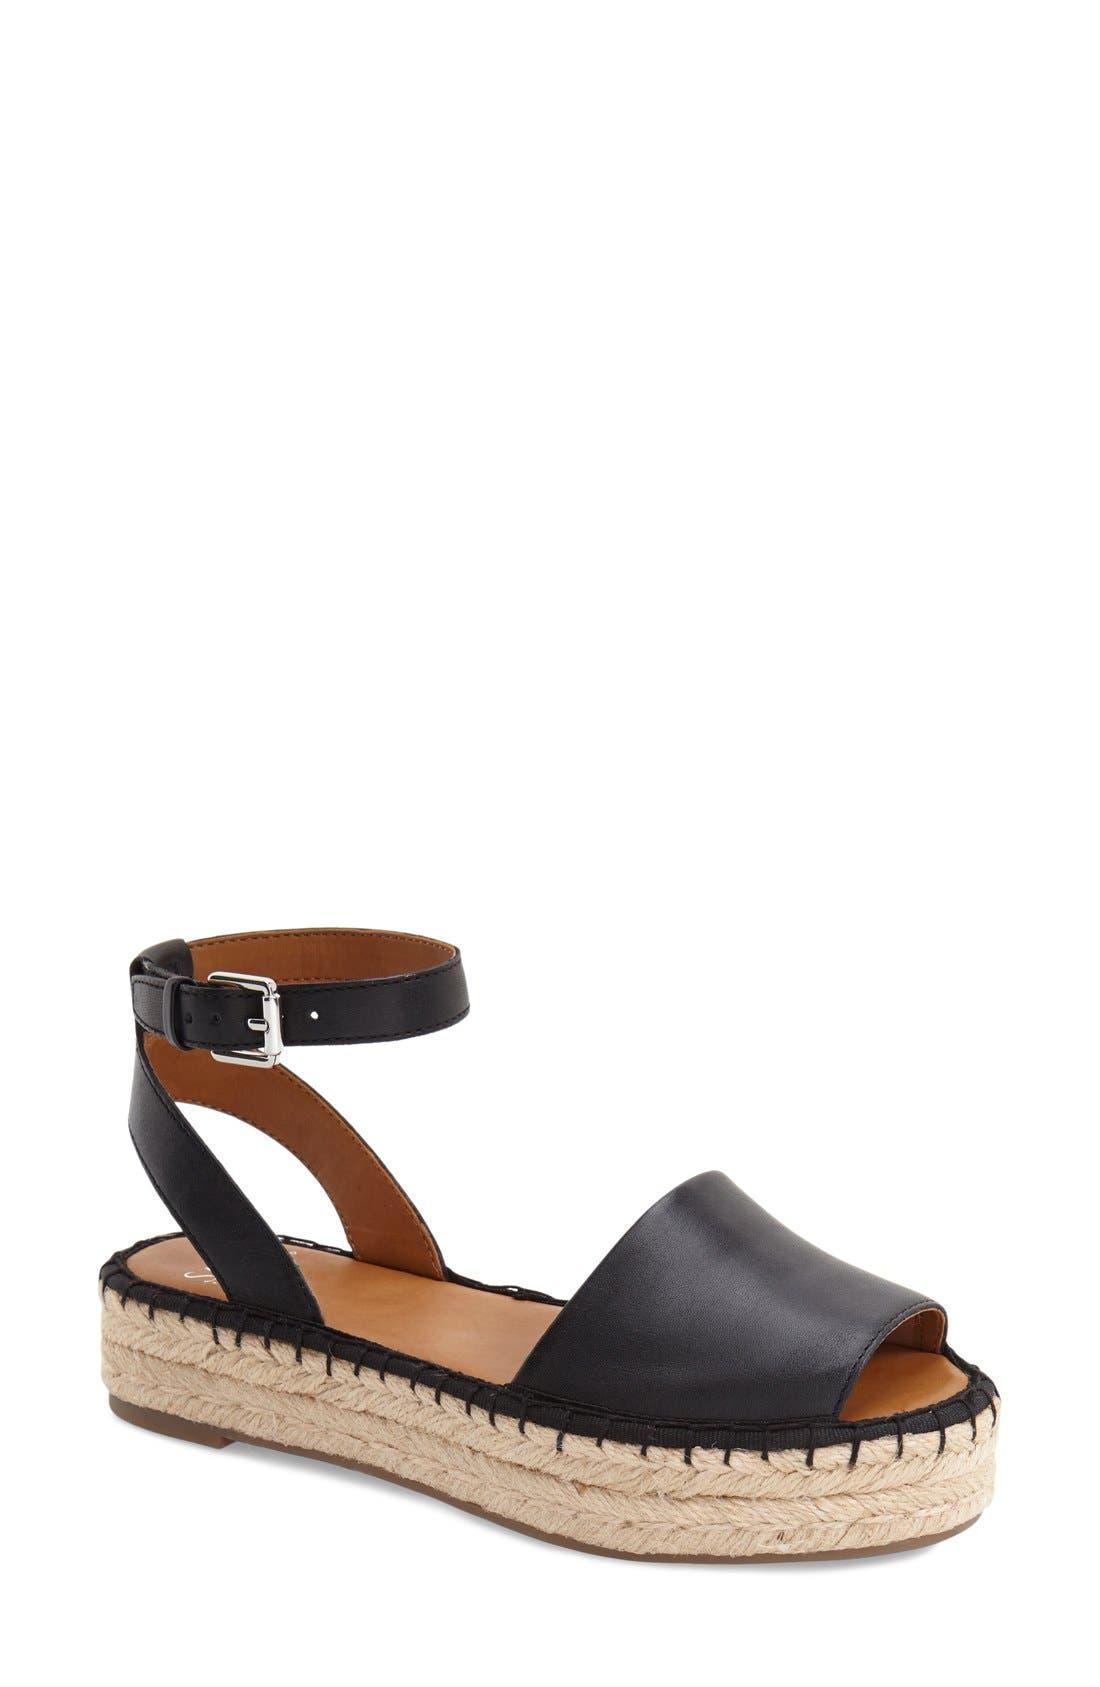 'Ravenna' Espadrille Platform Sandal, Main, color, 003